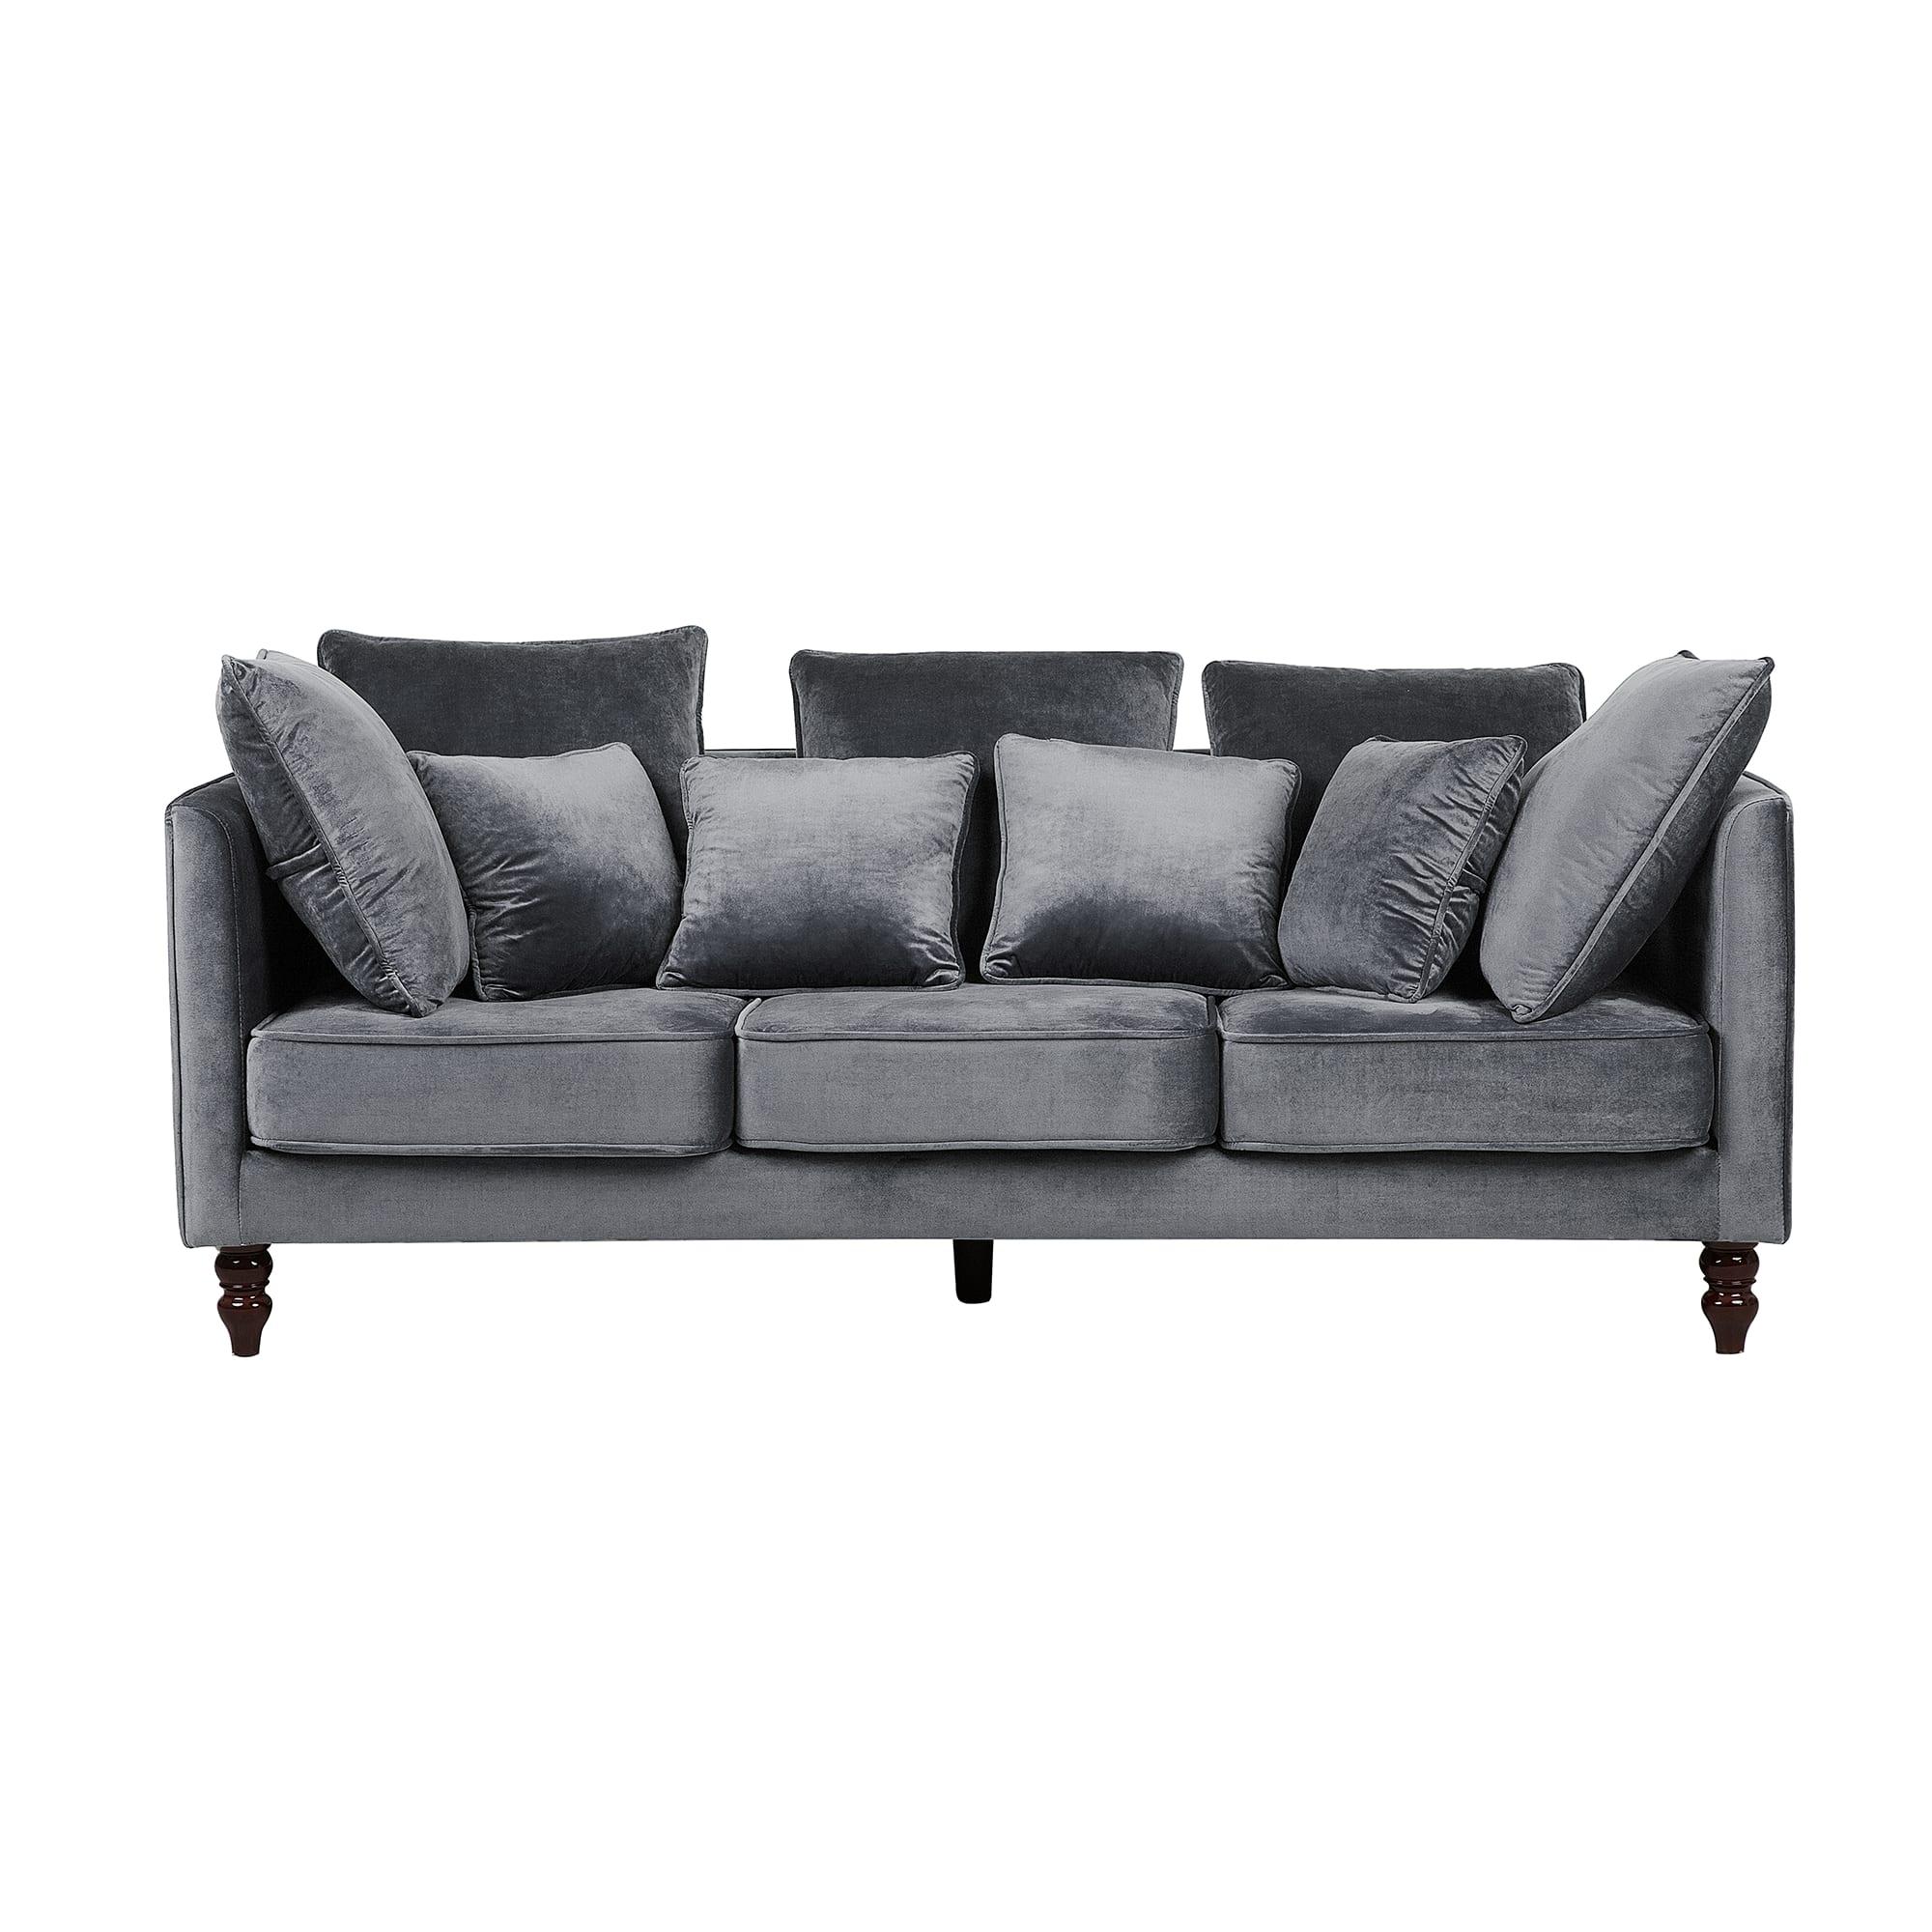 Canapé 3 places en velours gris